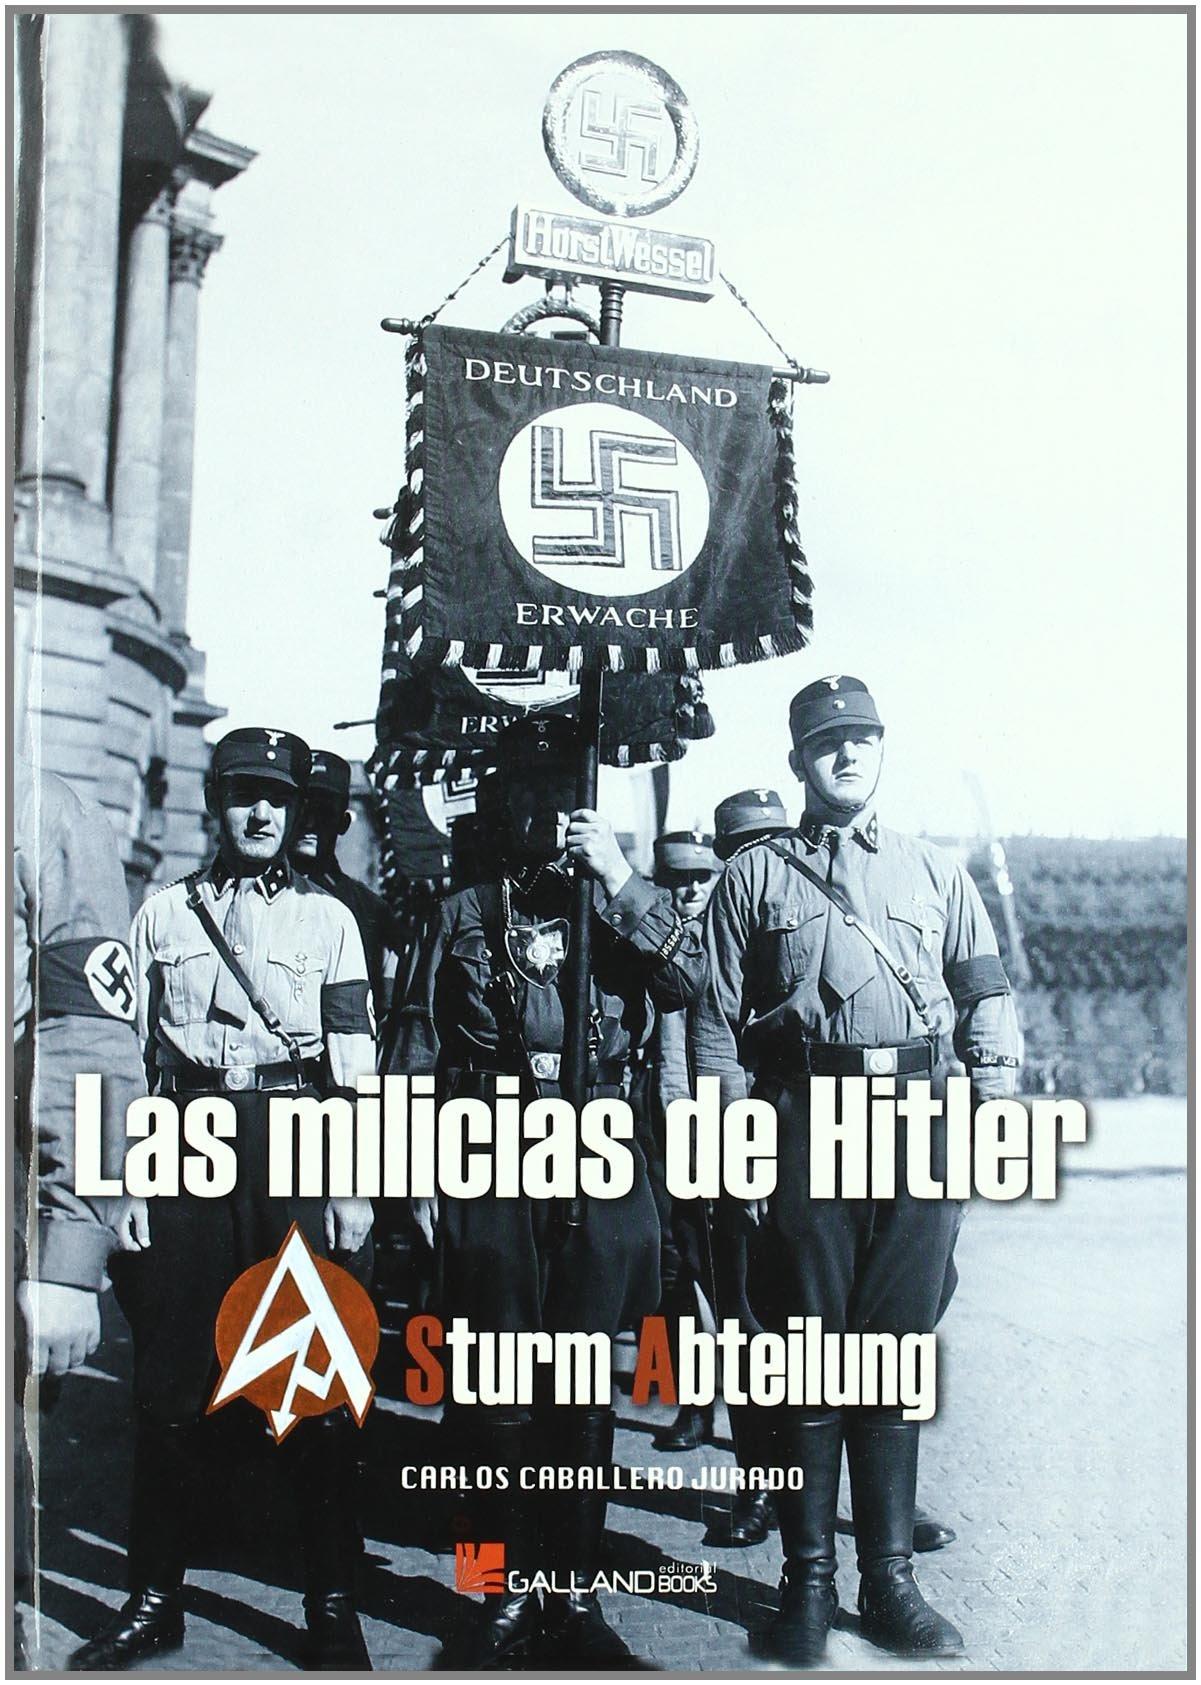 MILICIAS DE HITLER - GALLAND BOOKS: Carlos Caballero Jurado ...